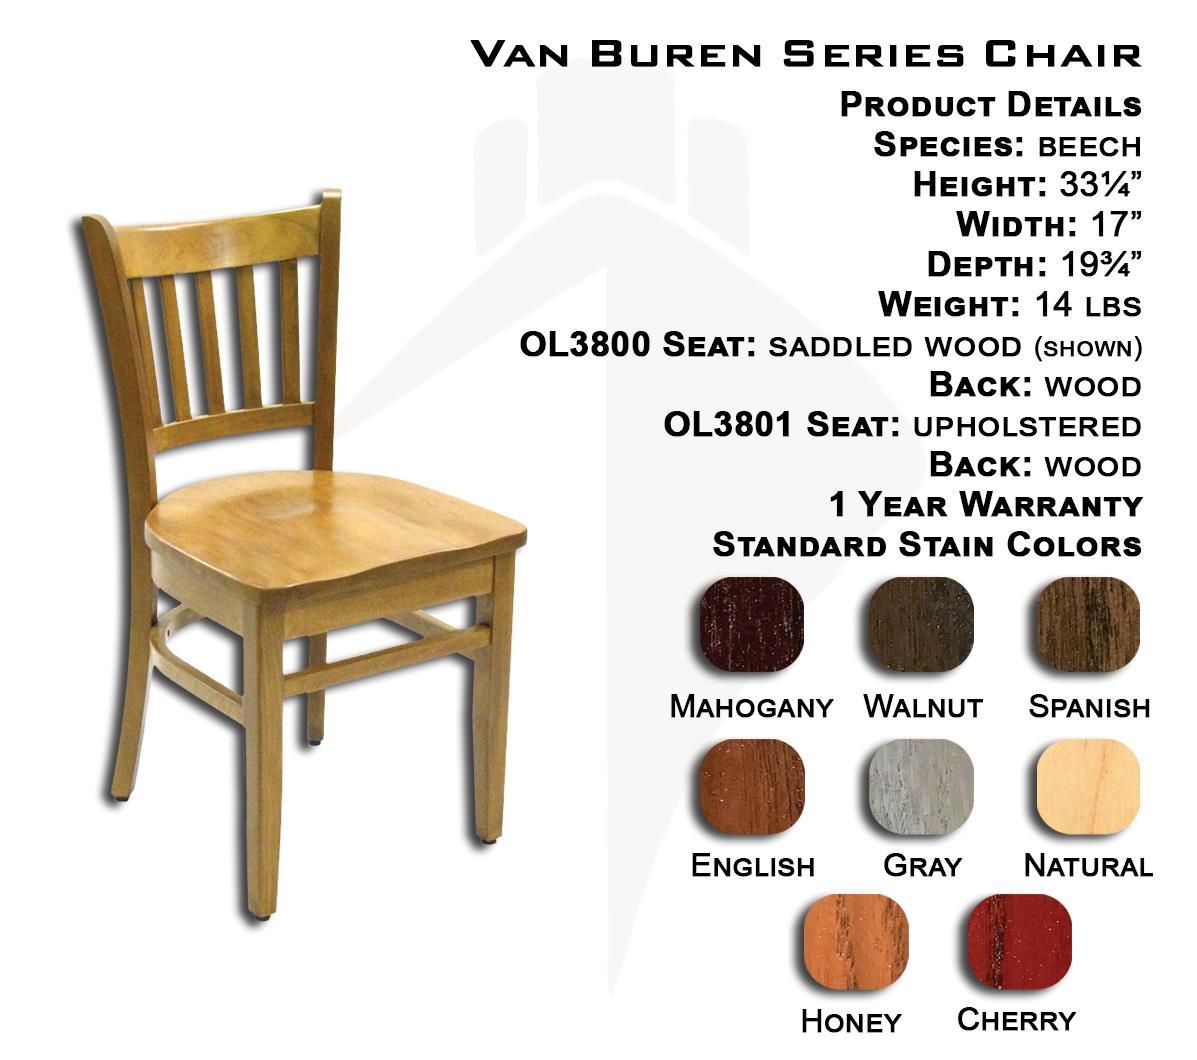 Van Buren Chair